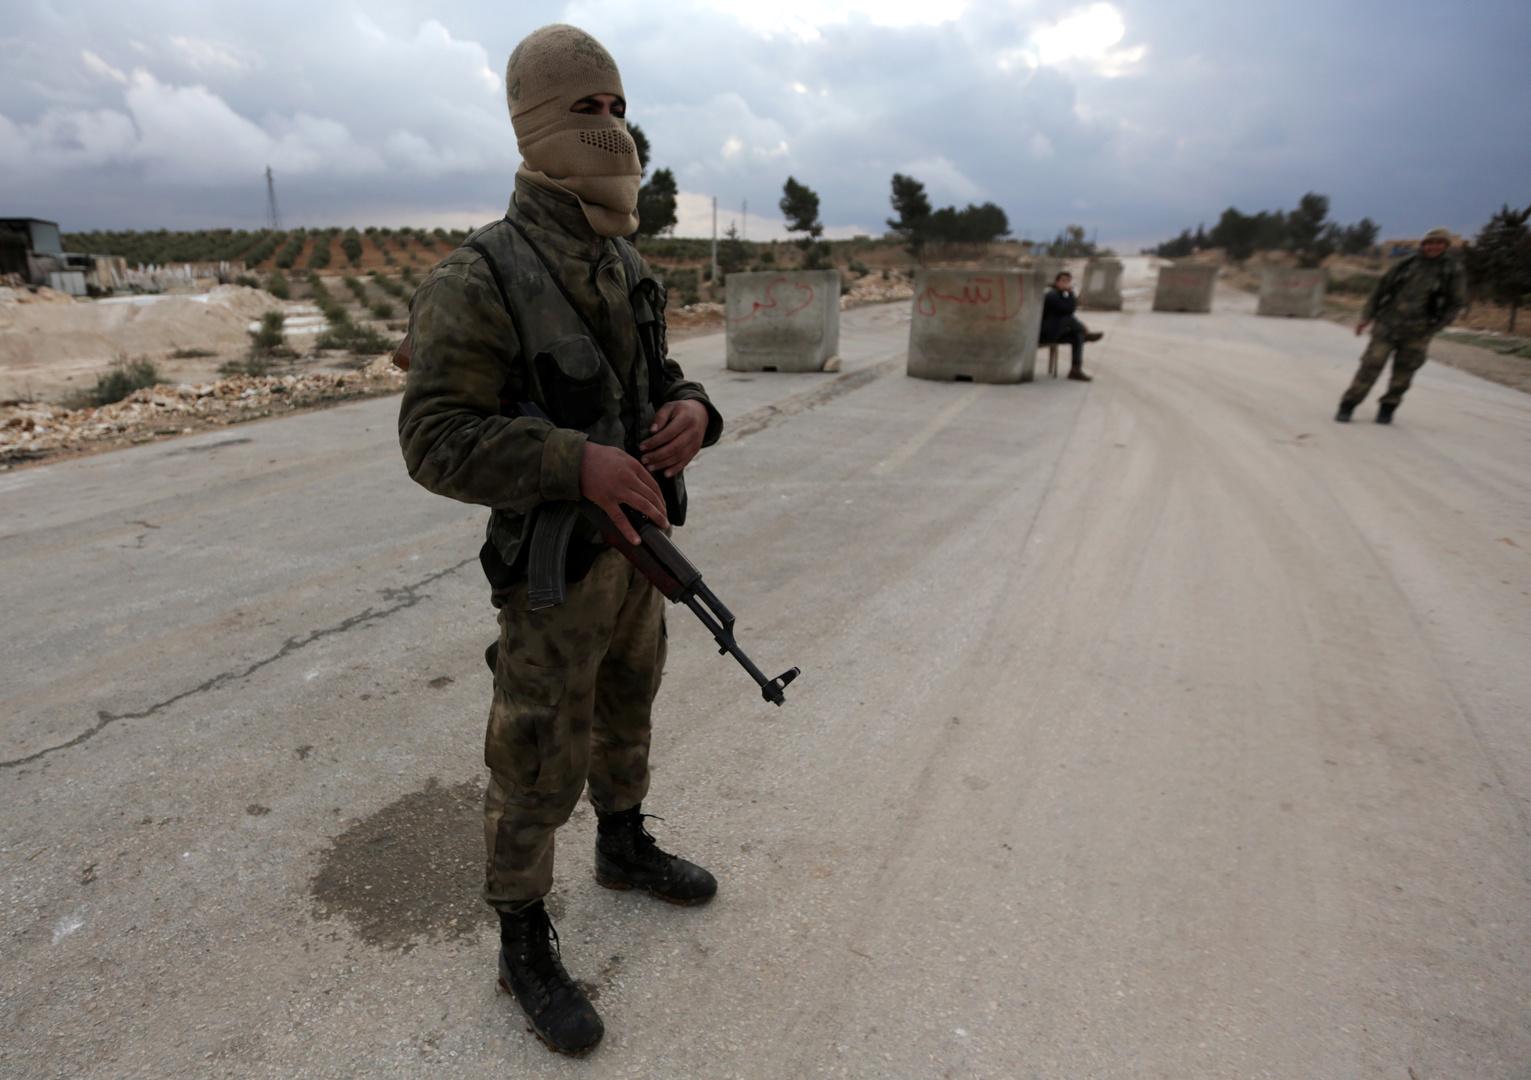 سوريا.. قتلى وجرحى جراء انفجارين في مدينة جرابلس (صور)